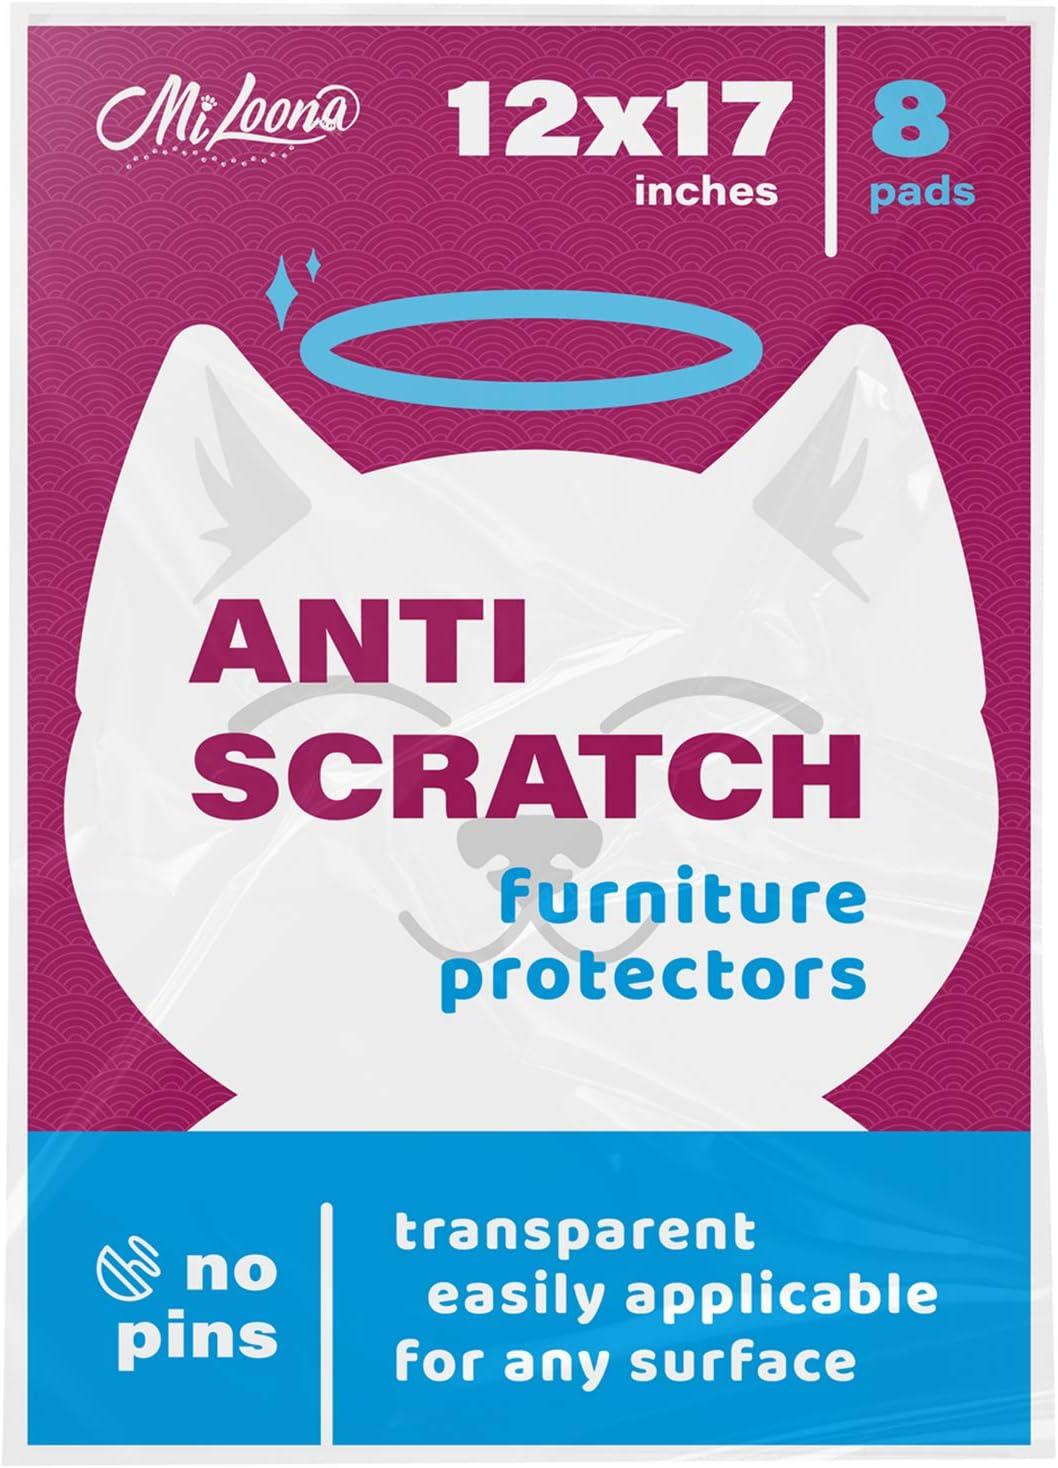 Cat Anti Scratch Furniture Protector - Couch Scratch Protector from Cats - Furniture Protection from Cat Scratching - Cat Couch Protectors for Furniture - Cat Training Tape - Cat Scratch Guard